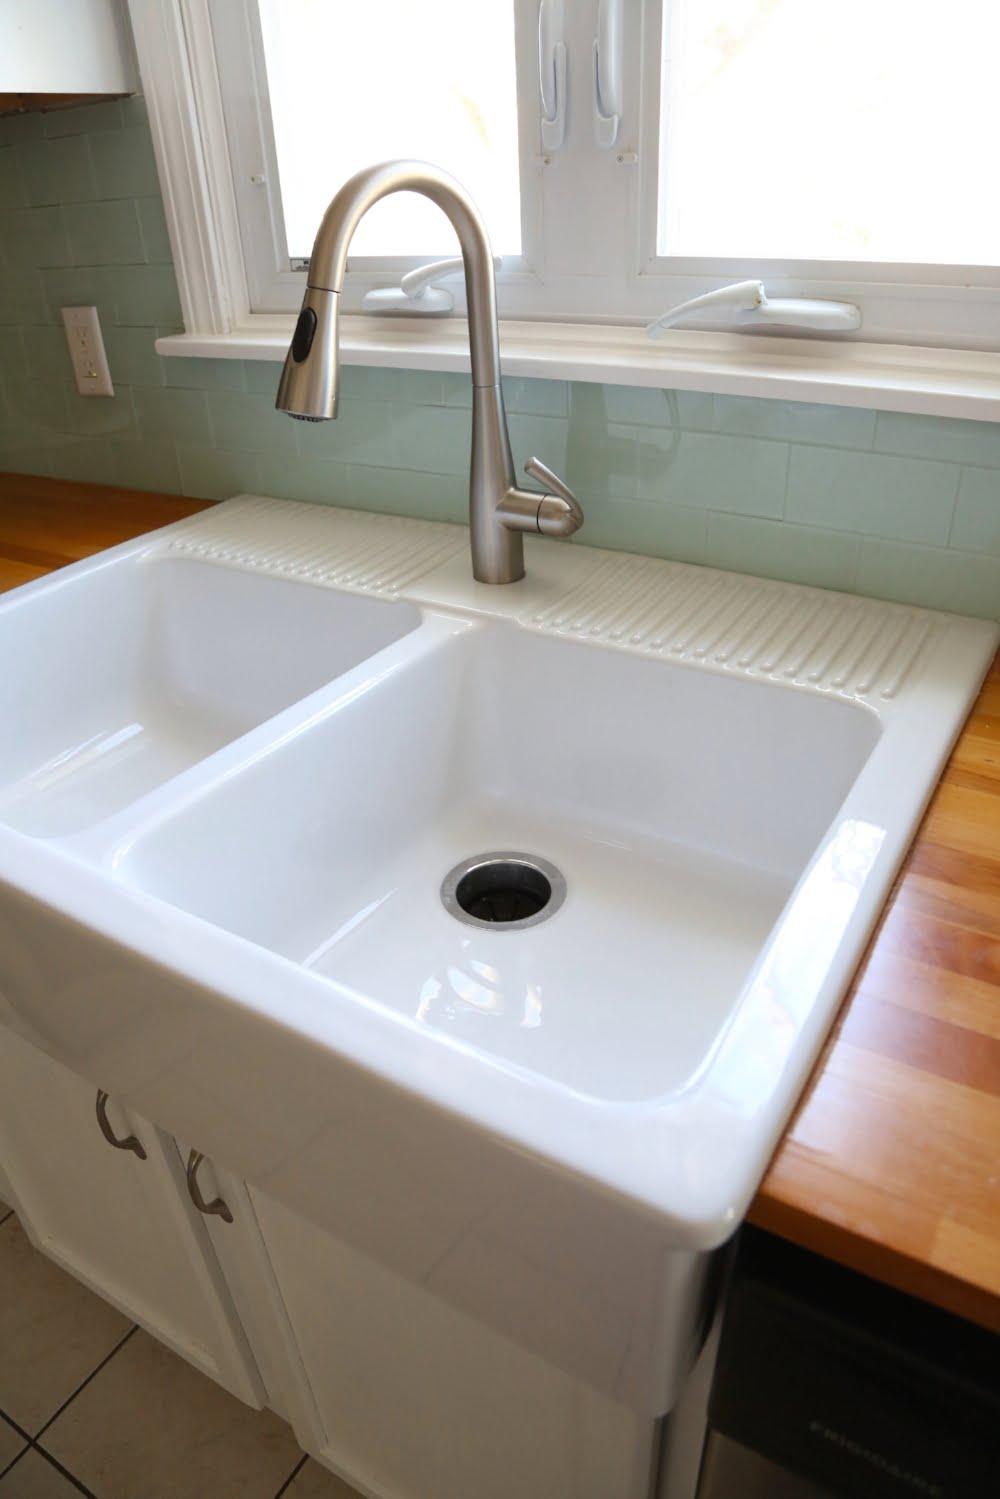 Ikea Domsjo Farmhouse Sink 1 Year Review